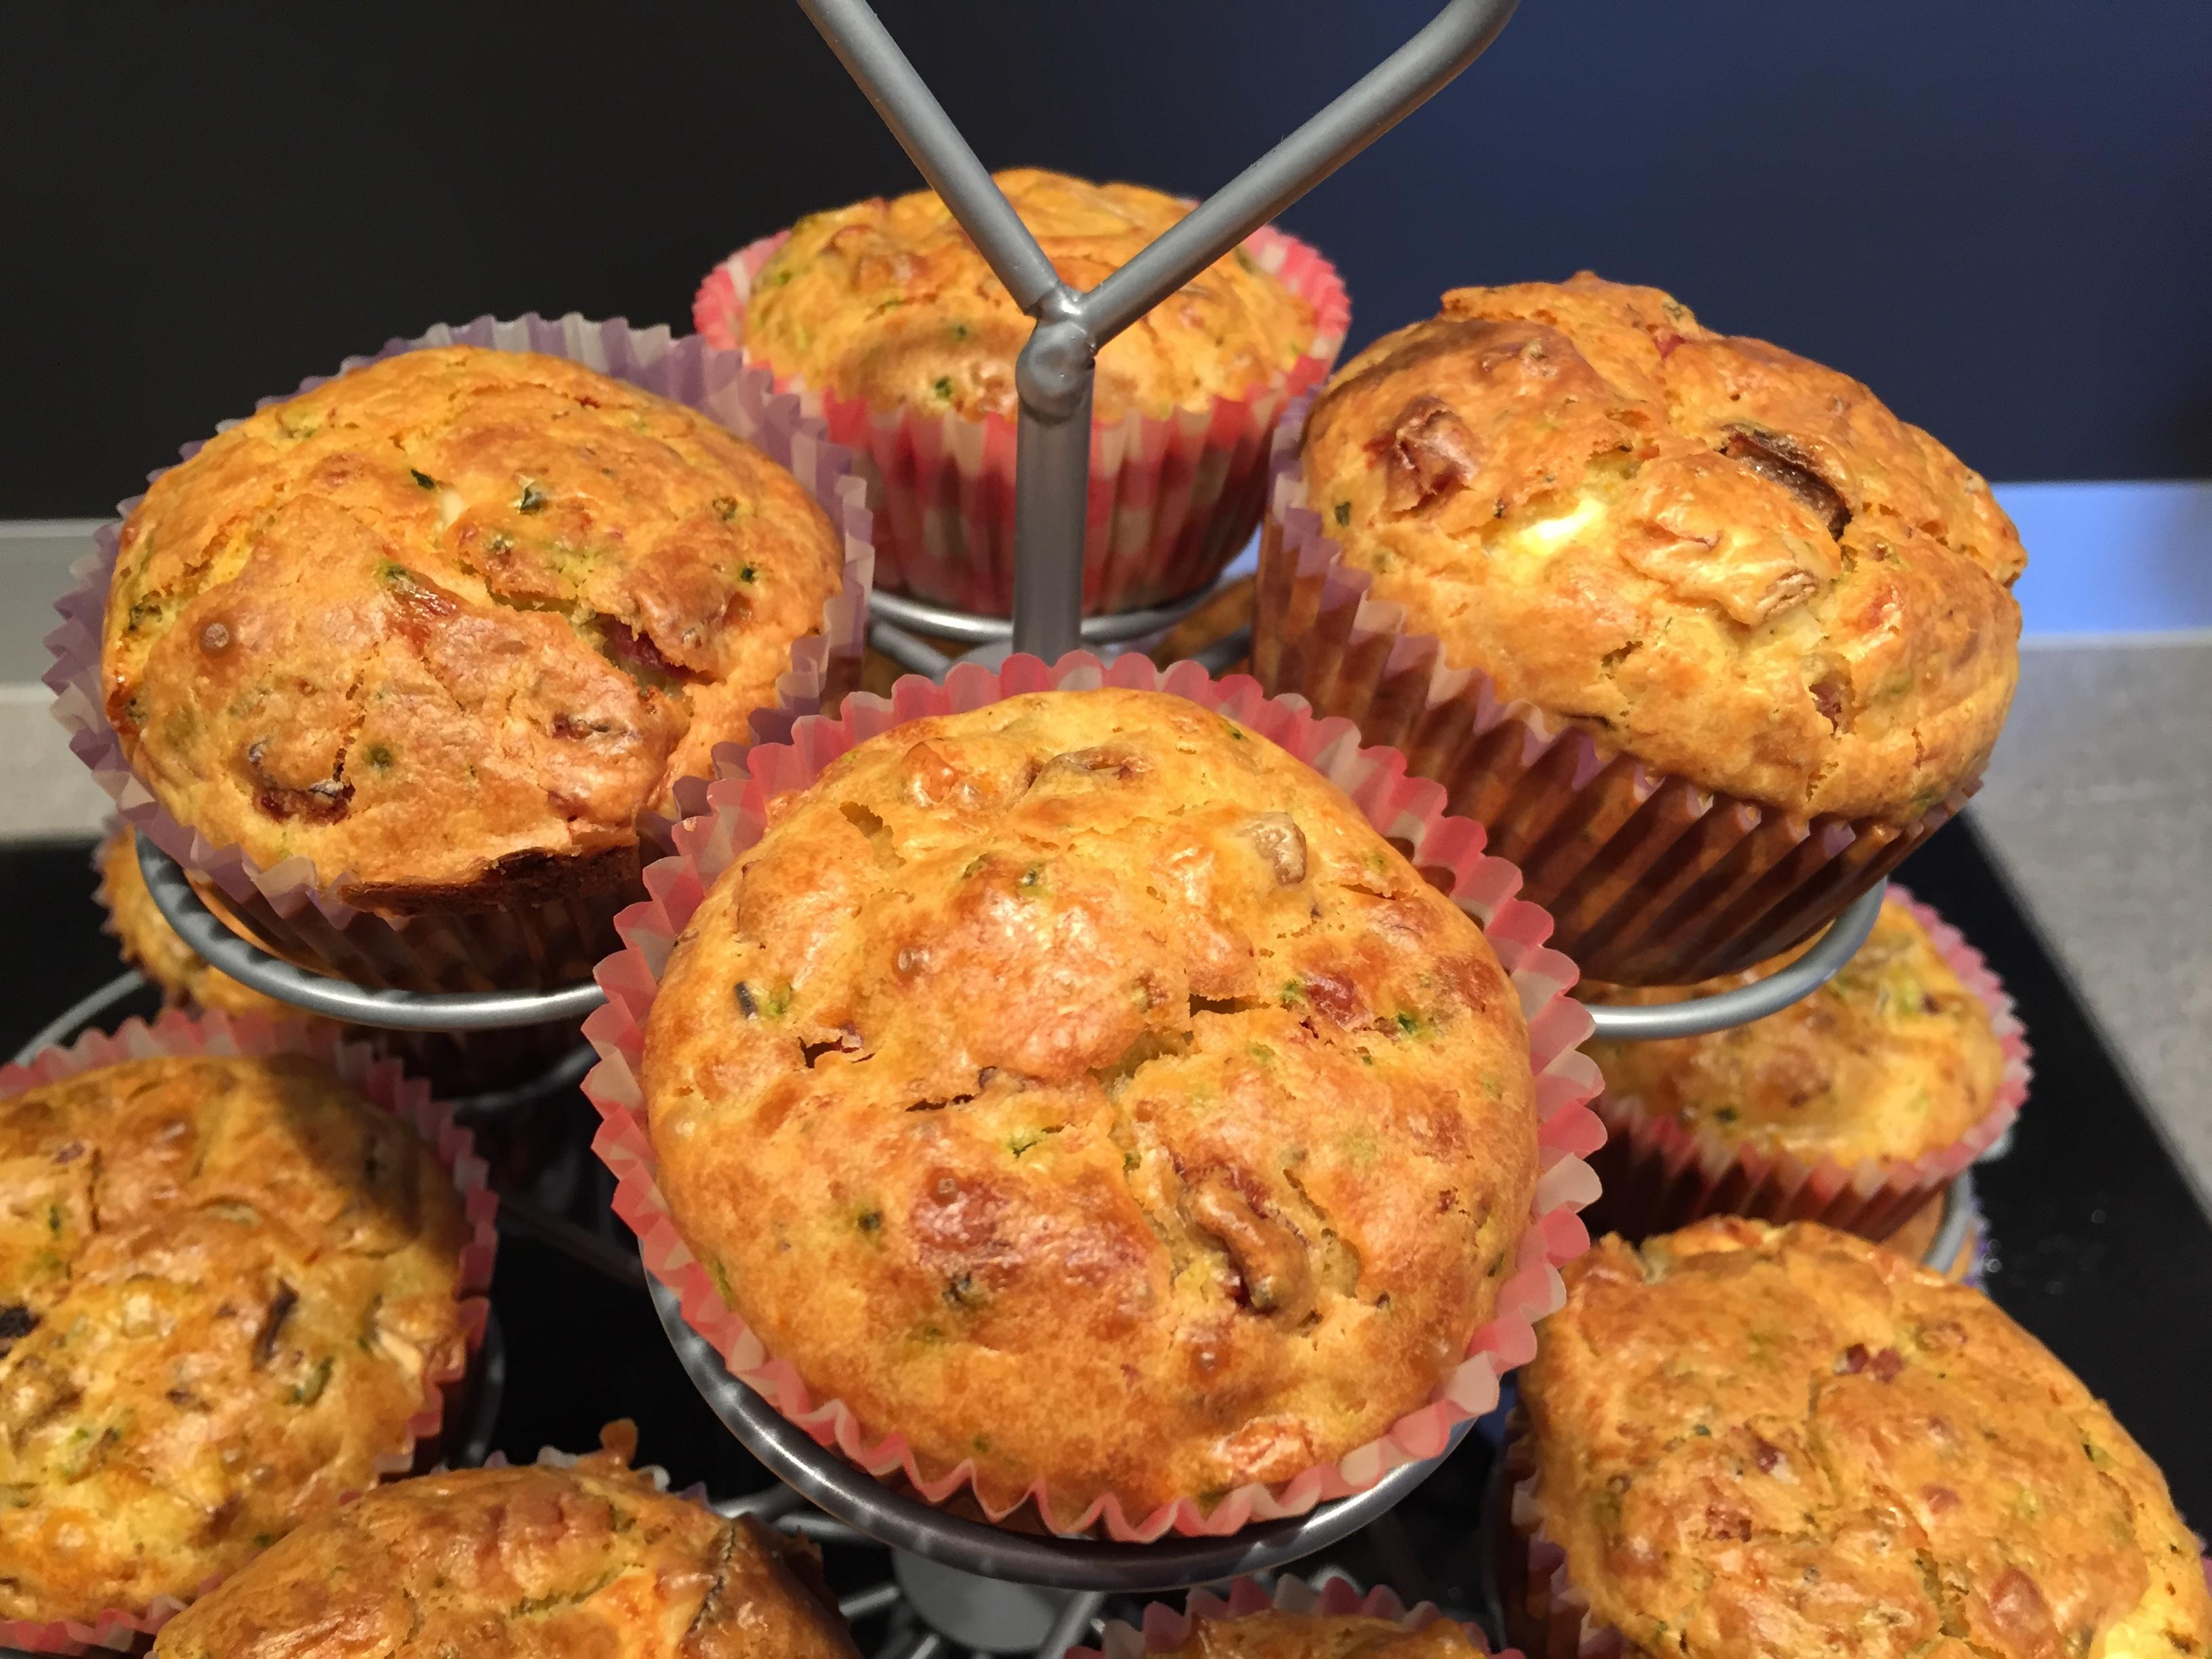 herzhafte muffins mit zucchini speck und feta kathis rezepte kathis rezepte. Black Bedroom Furniture Sets. Home Design Ideas